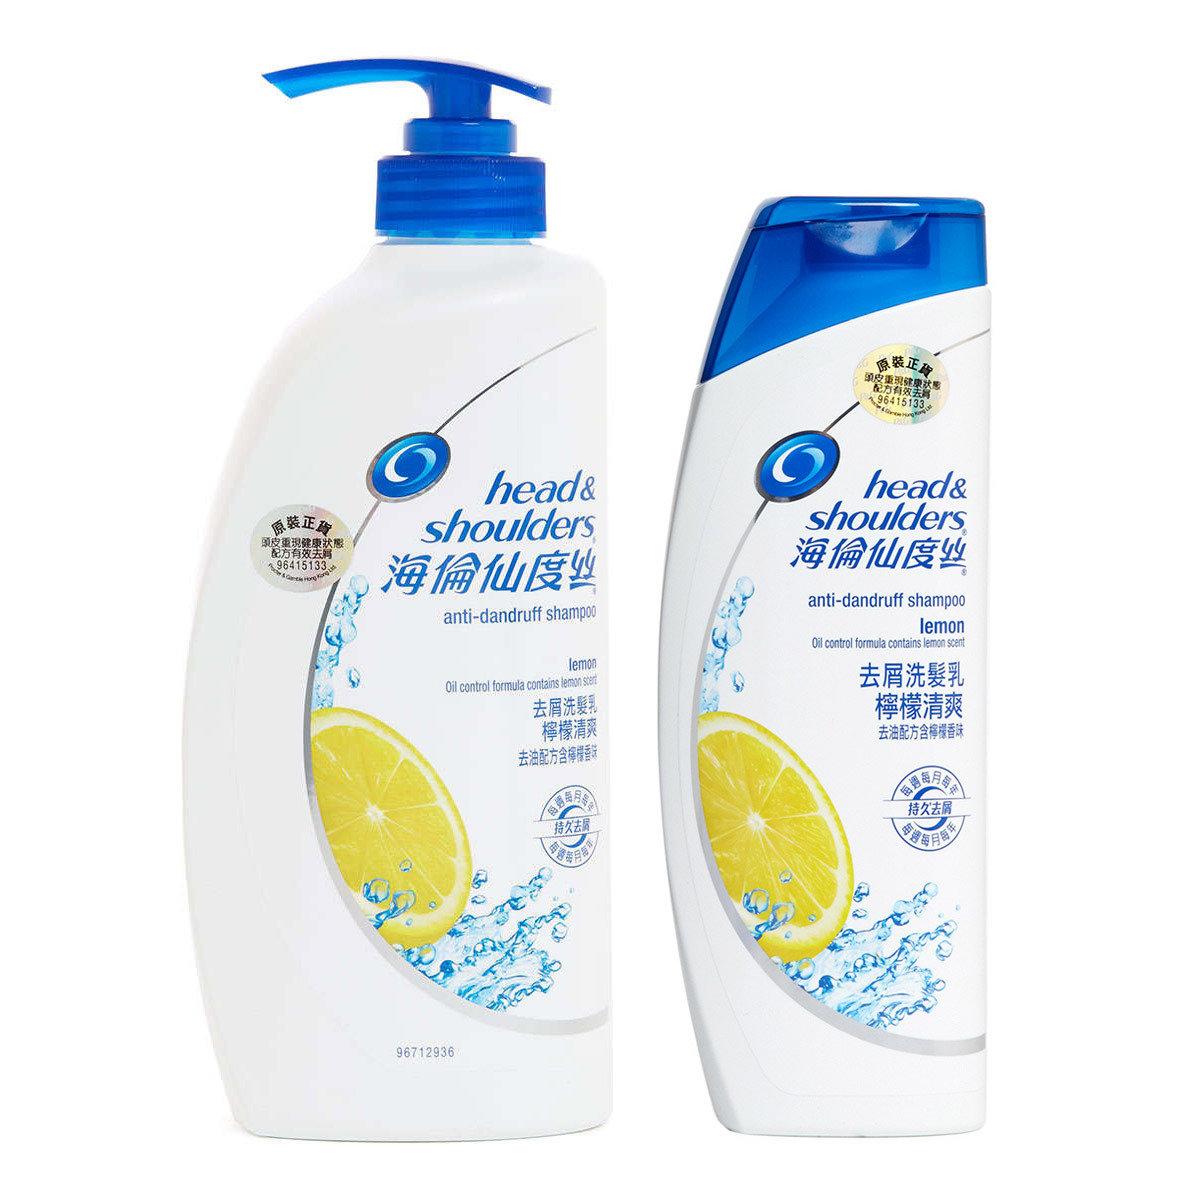 [優惠套裝] 海倫仙度絲去屑洗髮乳檸檬清爽750毫升 + 400毫升